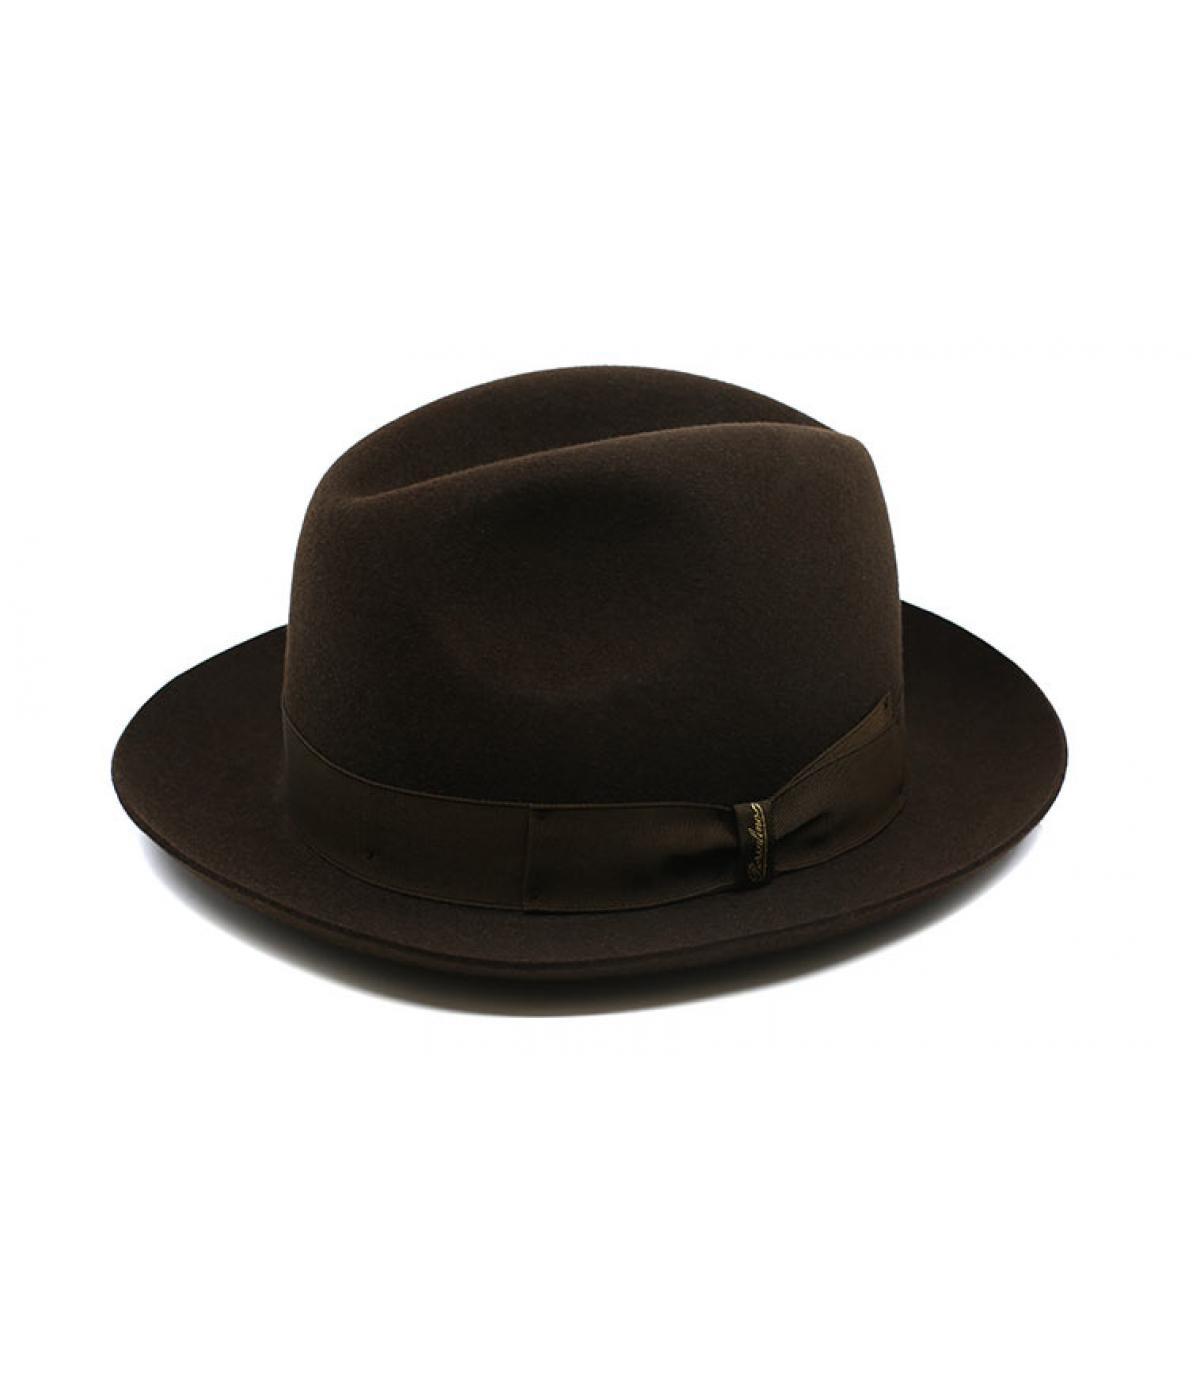 Détails Marengo brown Fur Felt Hat - image 4